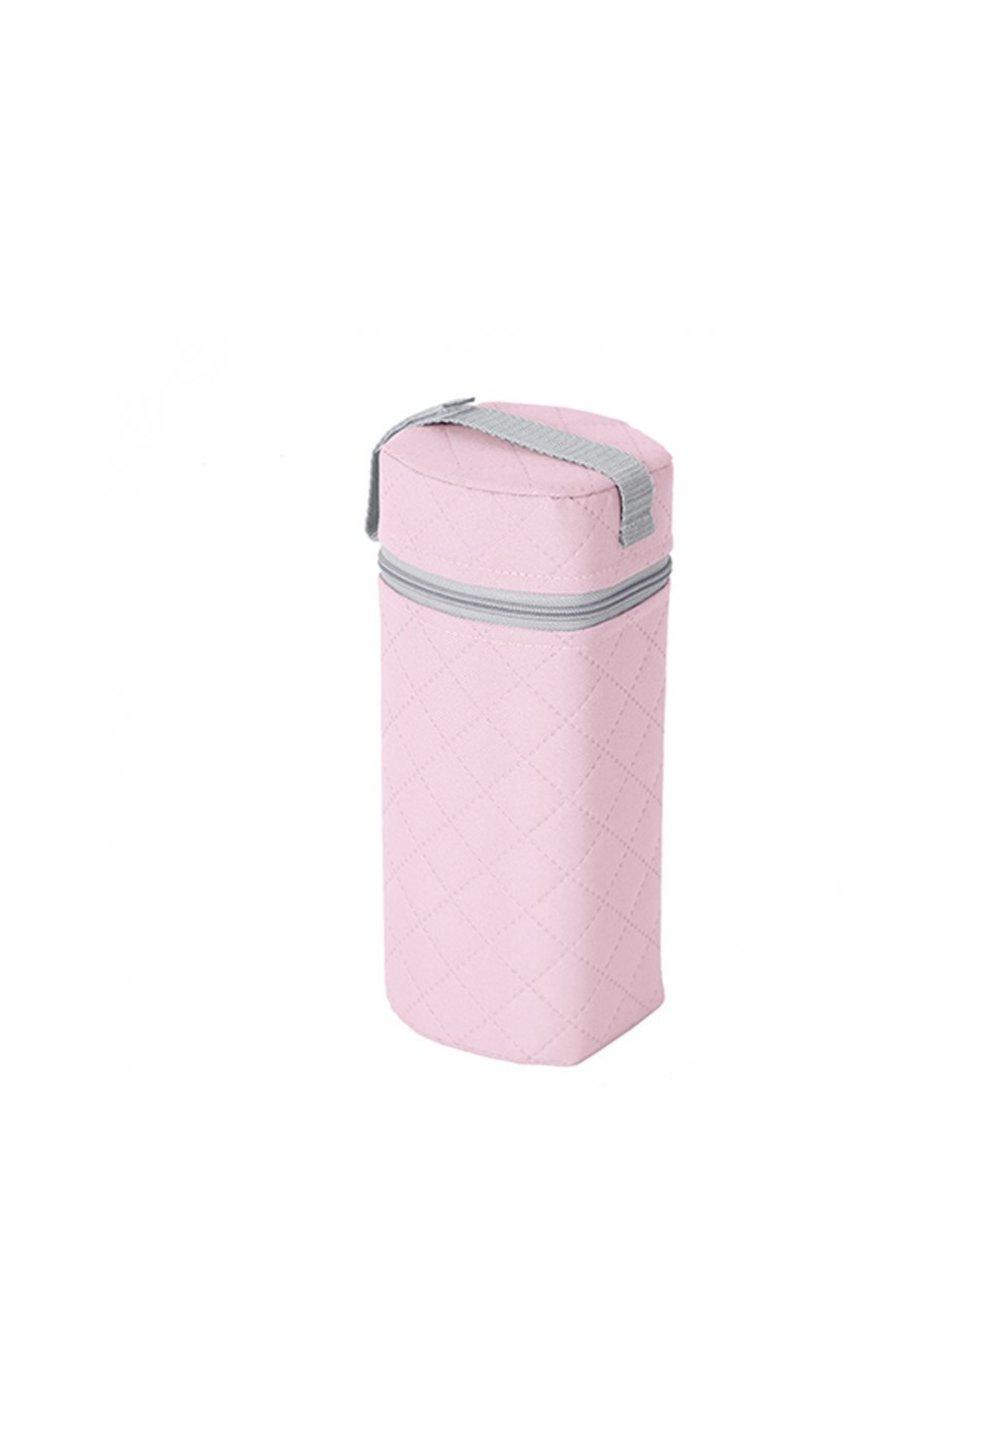 Izolator pentru biberoane, Jumbo, roz